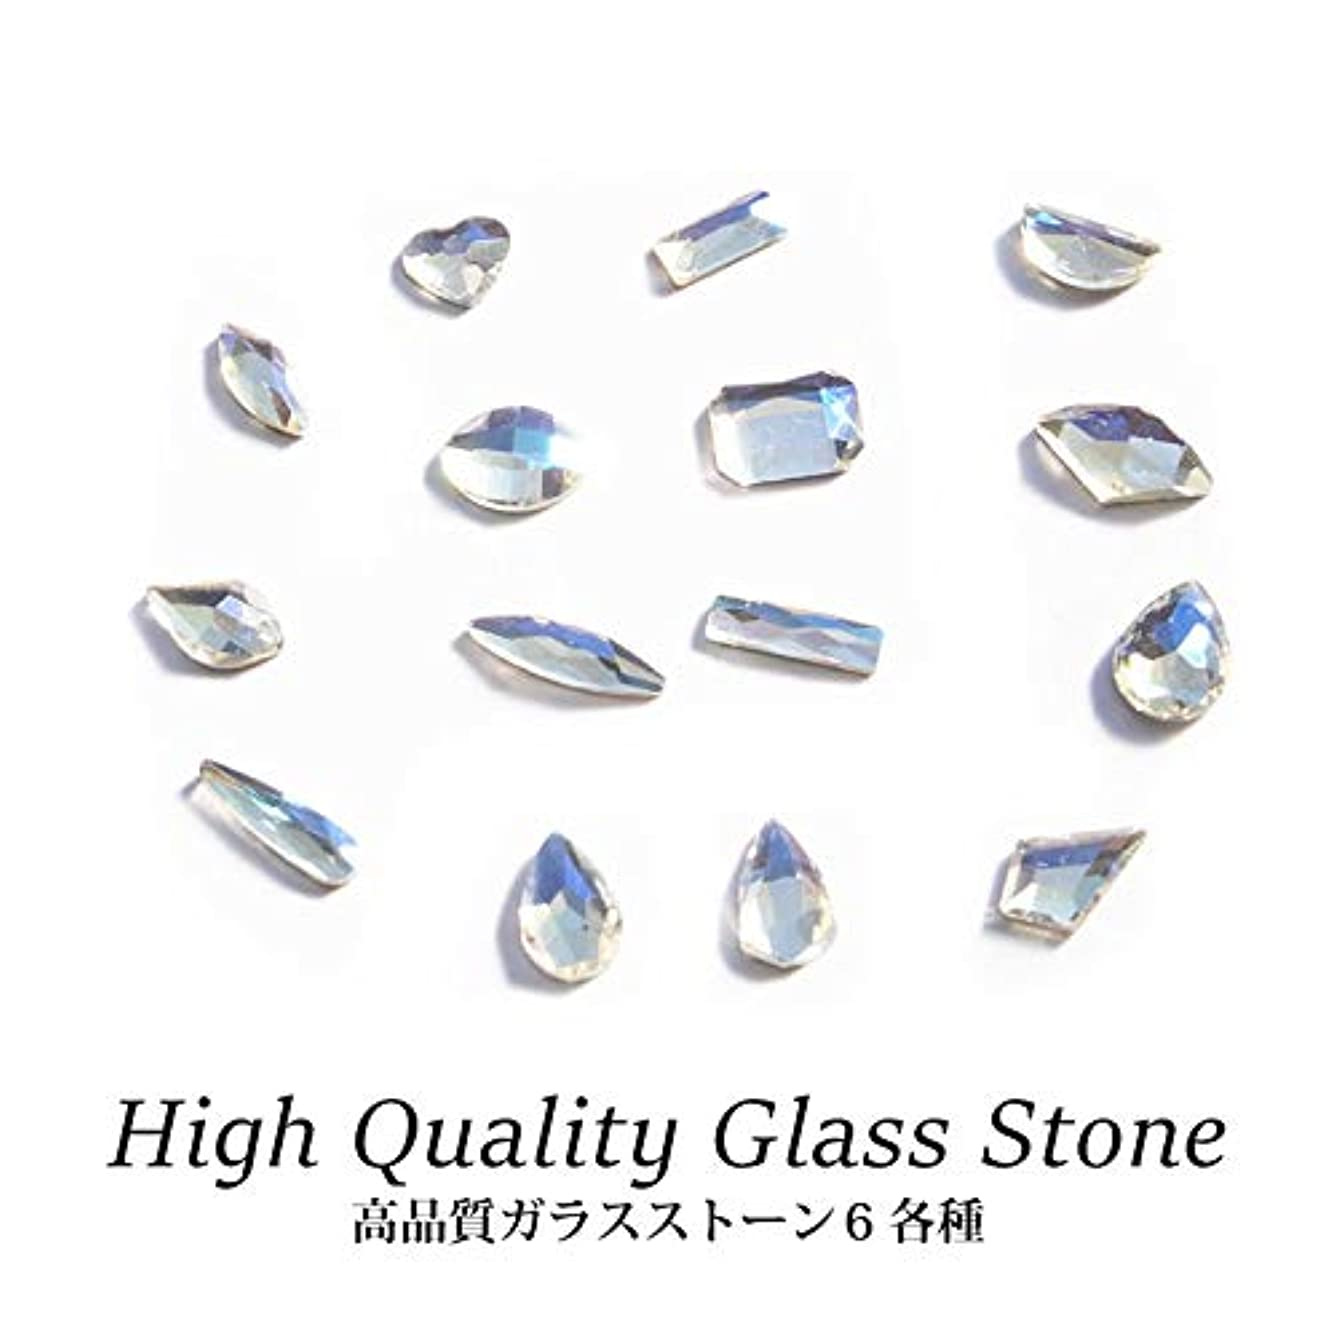 学ぶ未就学絡まるブルームーンカラーが魅惑的なクリスタルストーン! 高品質 ガラスストーン 6 各種 5個入り (7.ティア 6×8mm)